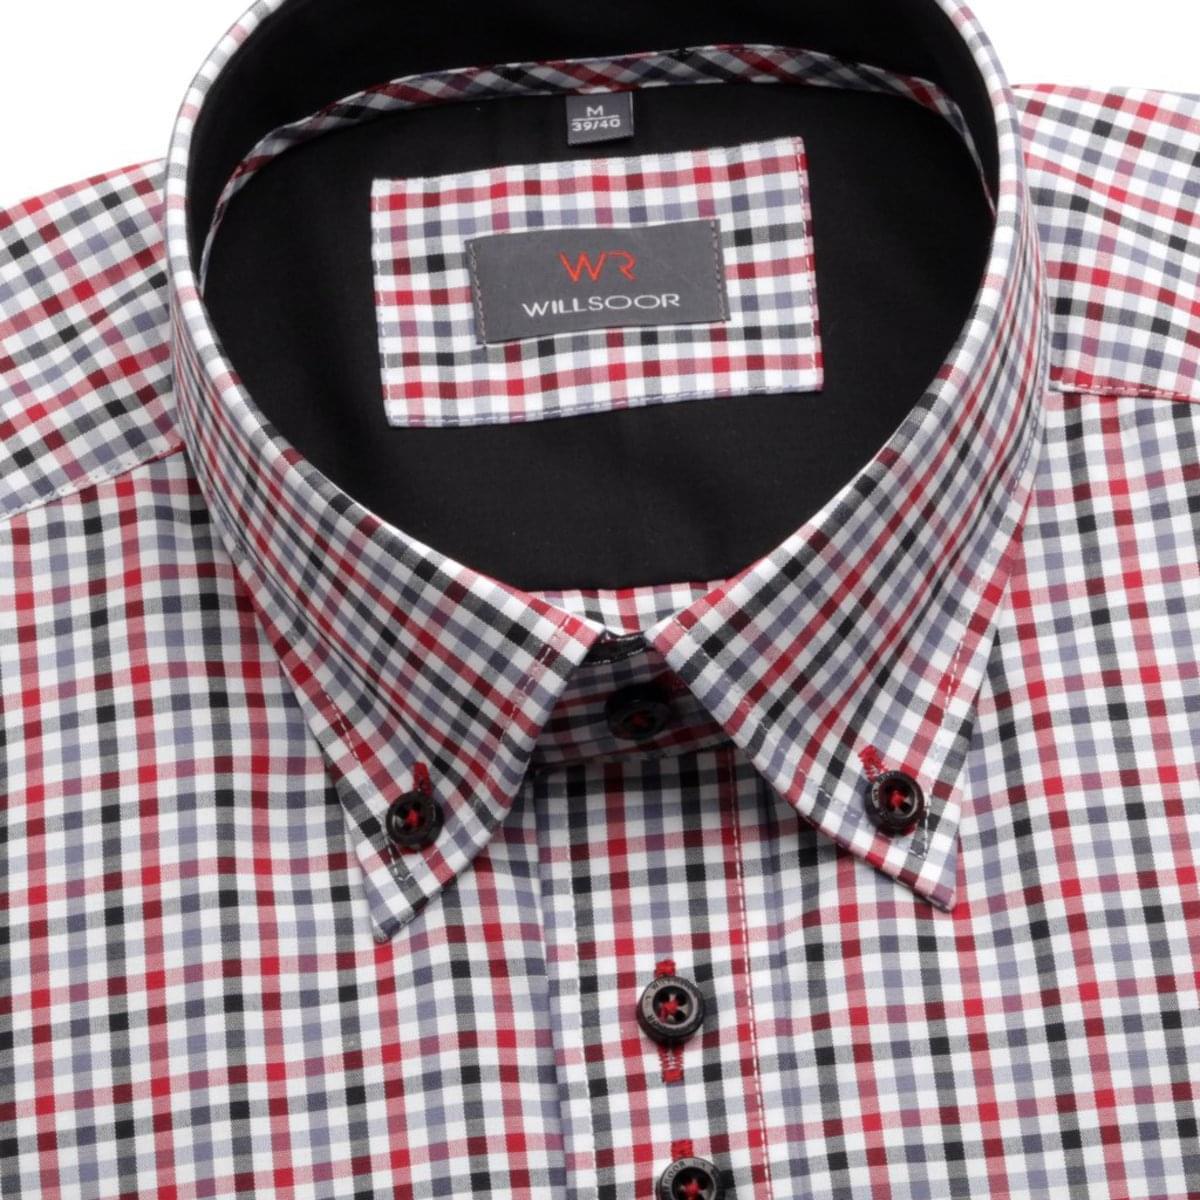 Pánská košile WR Slim v bílé barvě s kostkou Slim Fit (výška 164-170) 4683 164-170 / L (41/42)